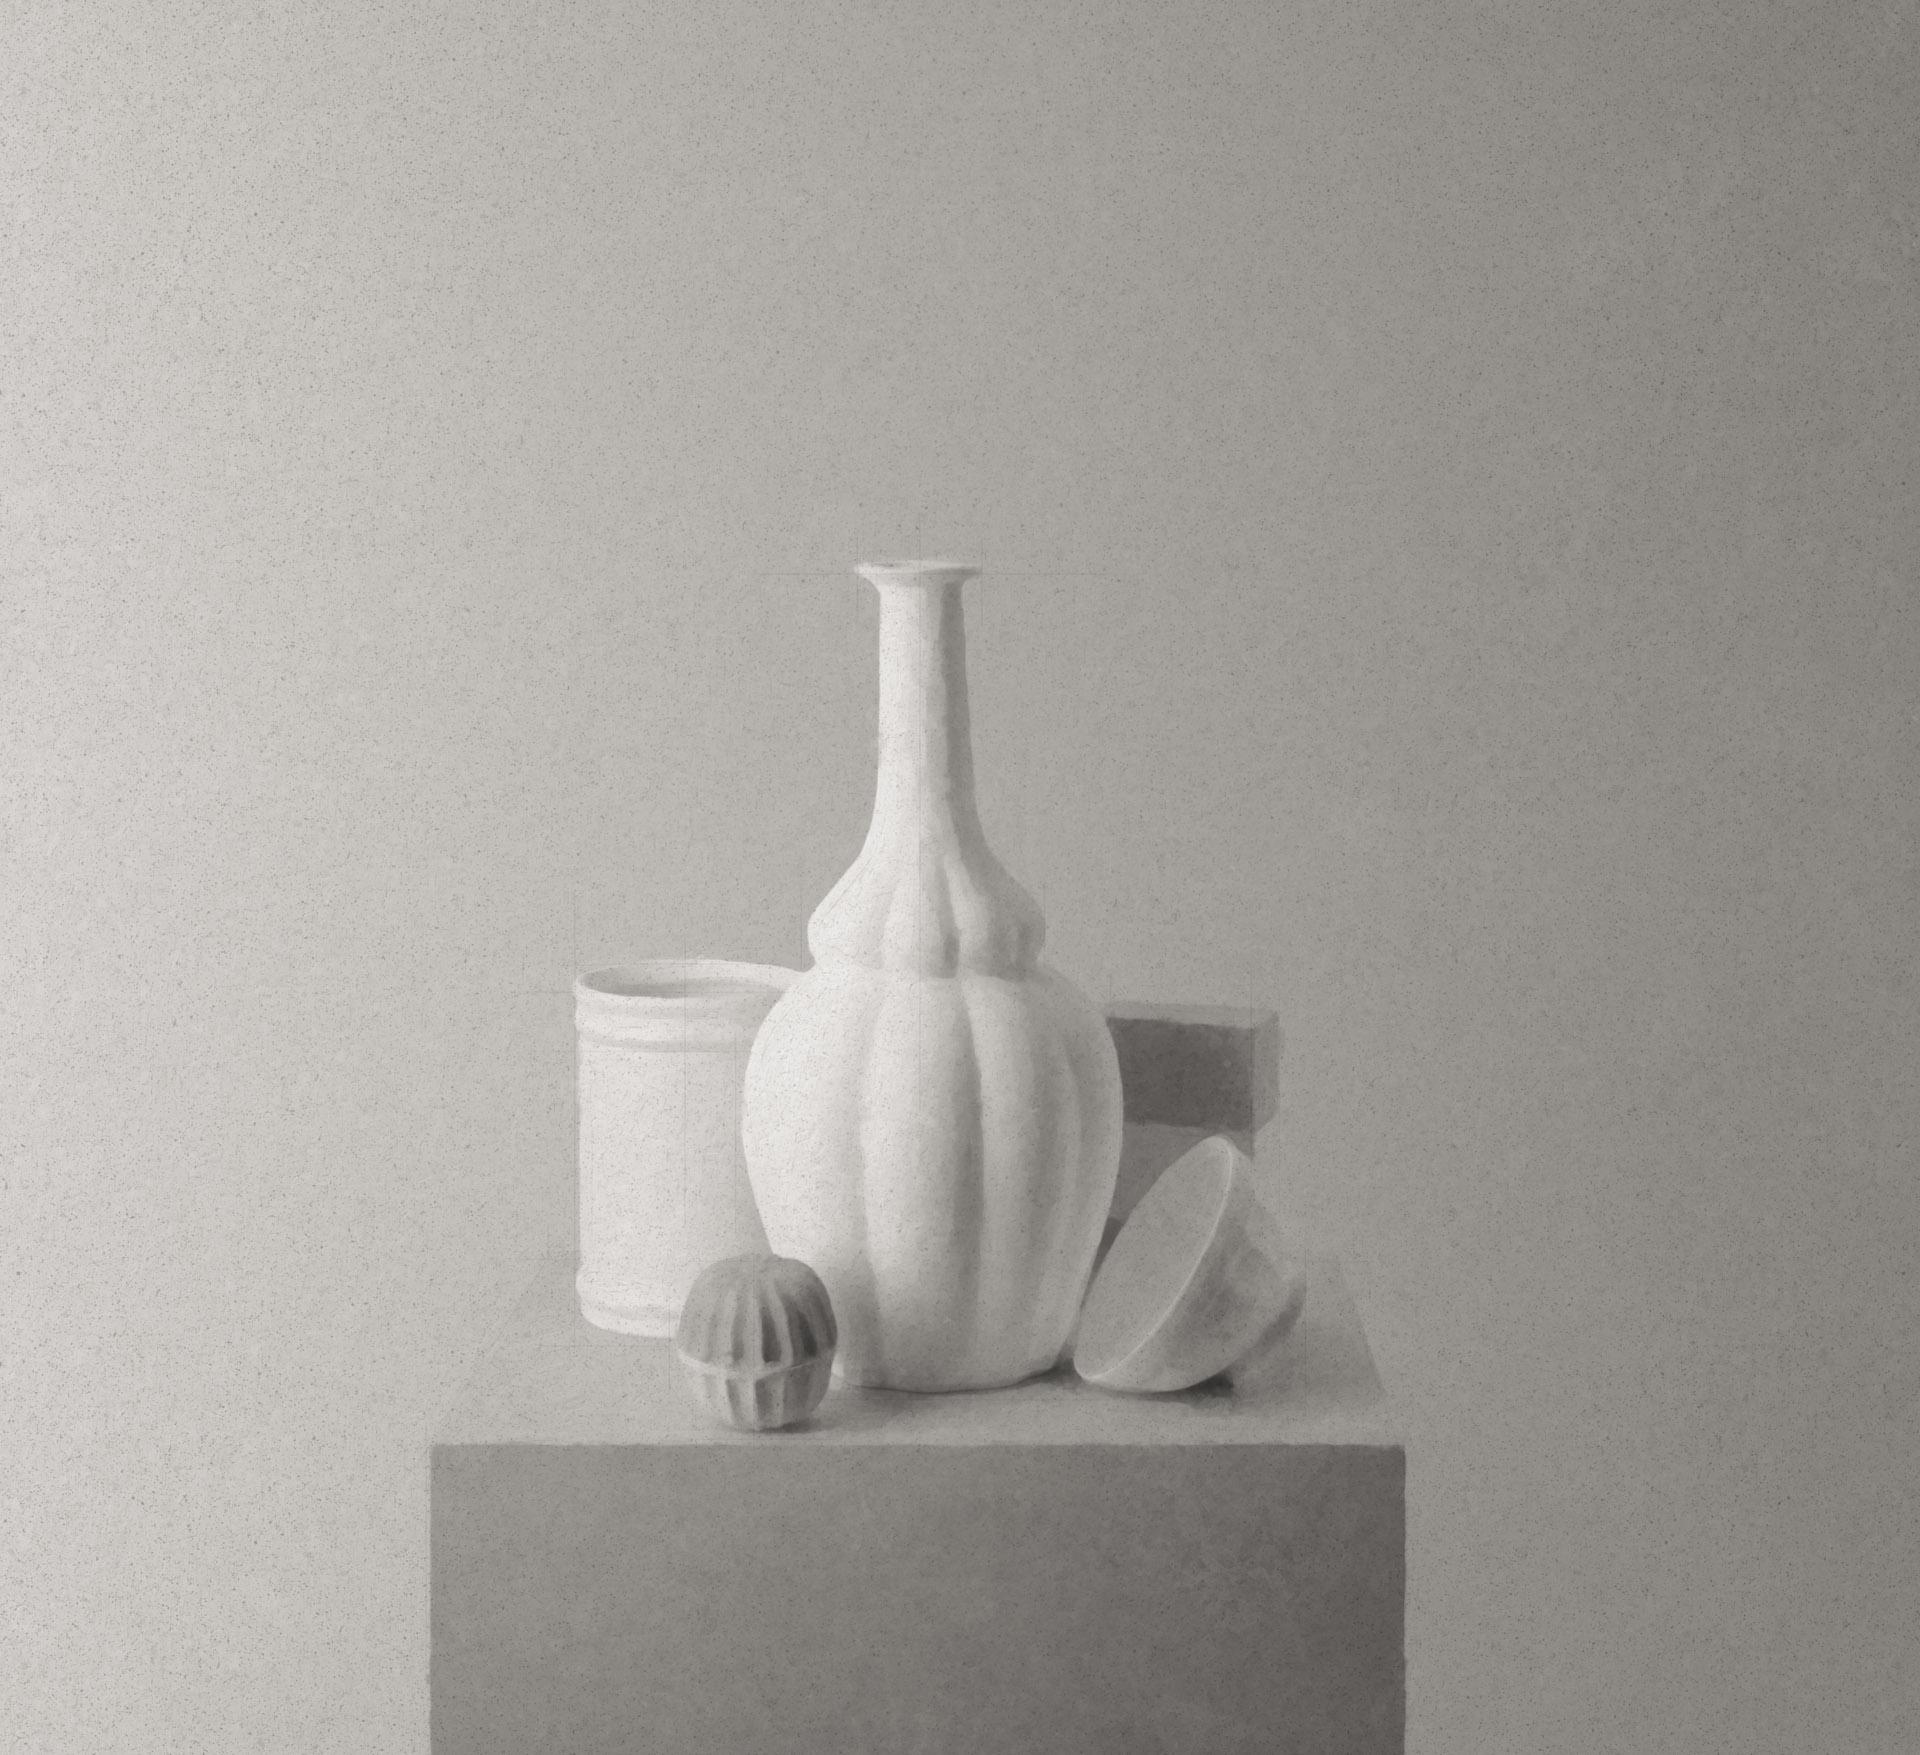 Morandi on a Pedestal 182